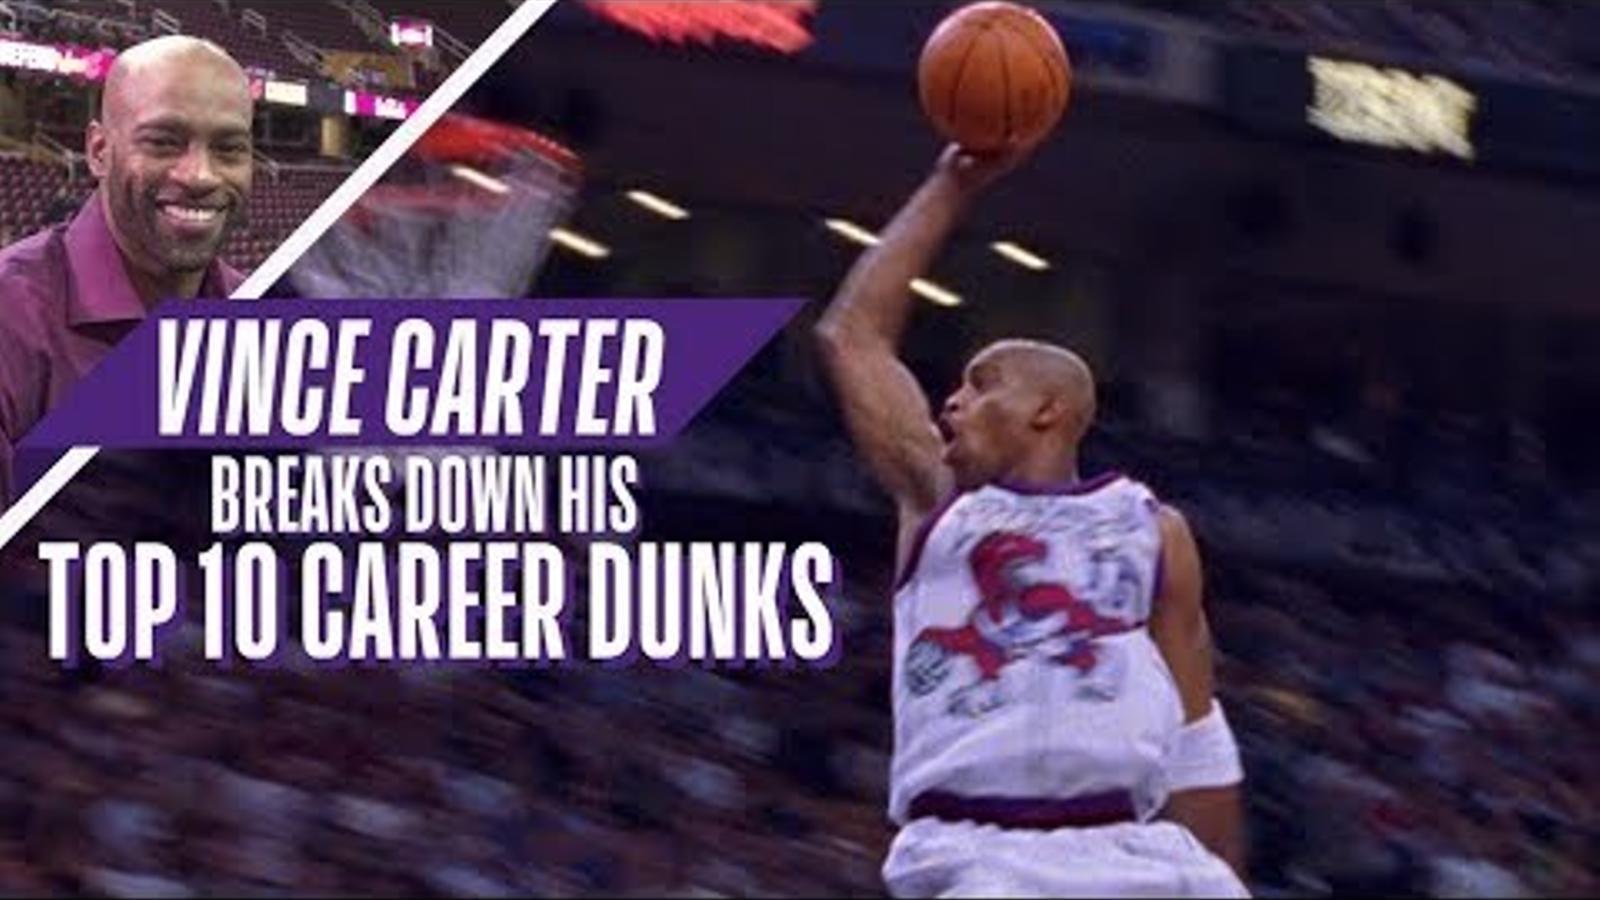 Vice Carter, jugador de la NBA, en acció